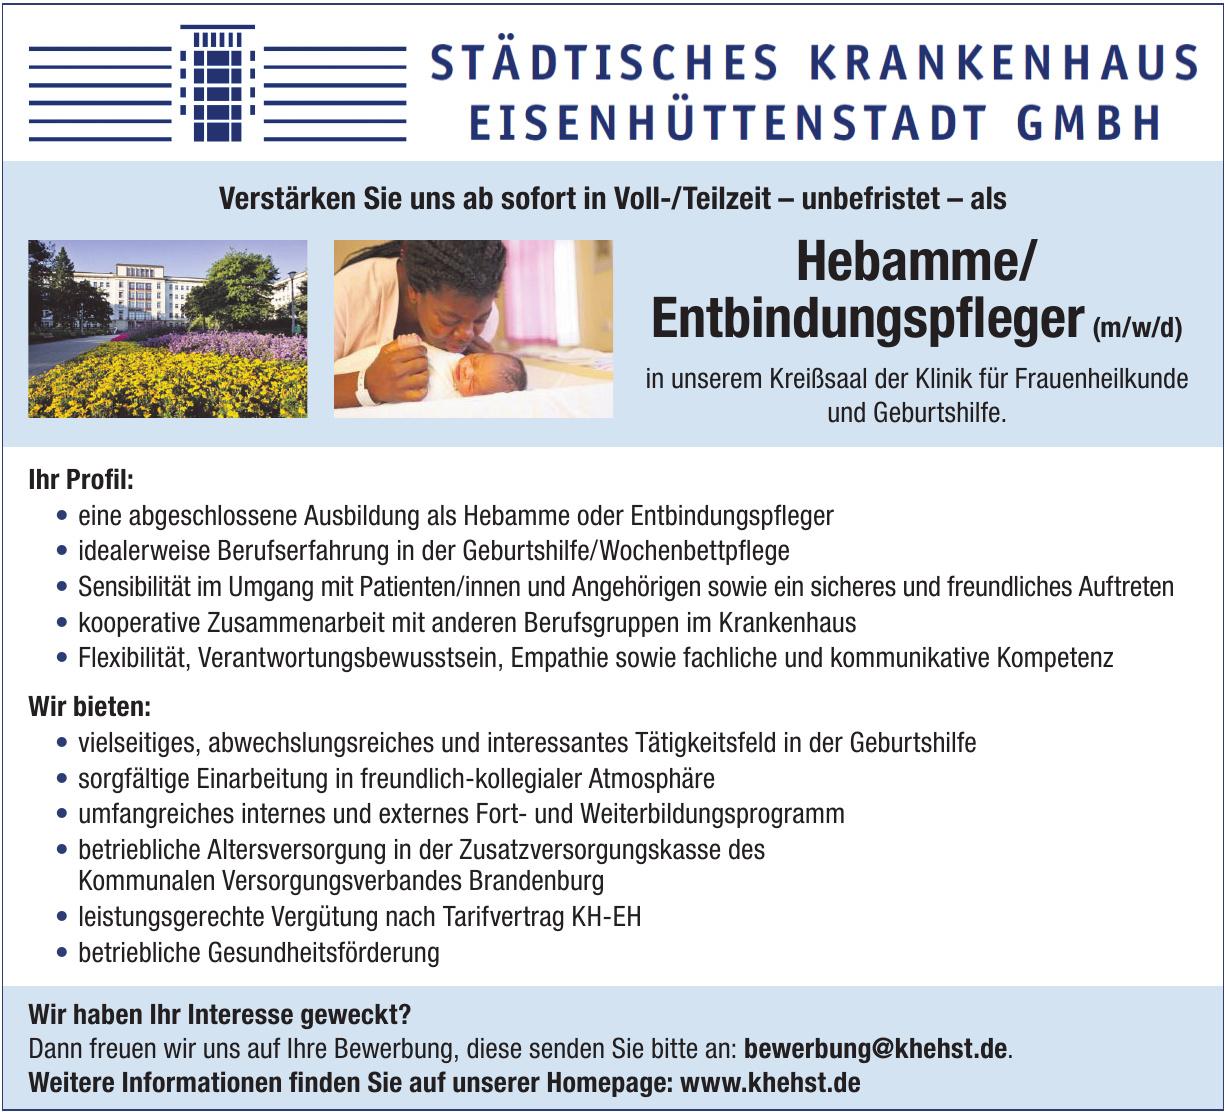 Städtisches Krankenhaus Eisenhüttenstadt GmbH